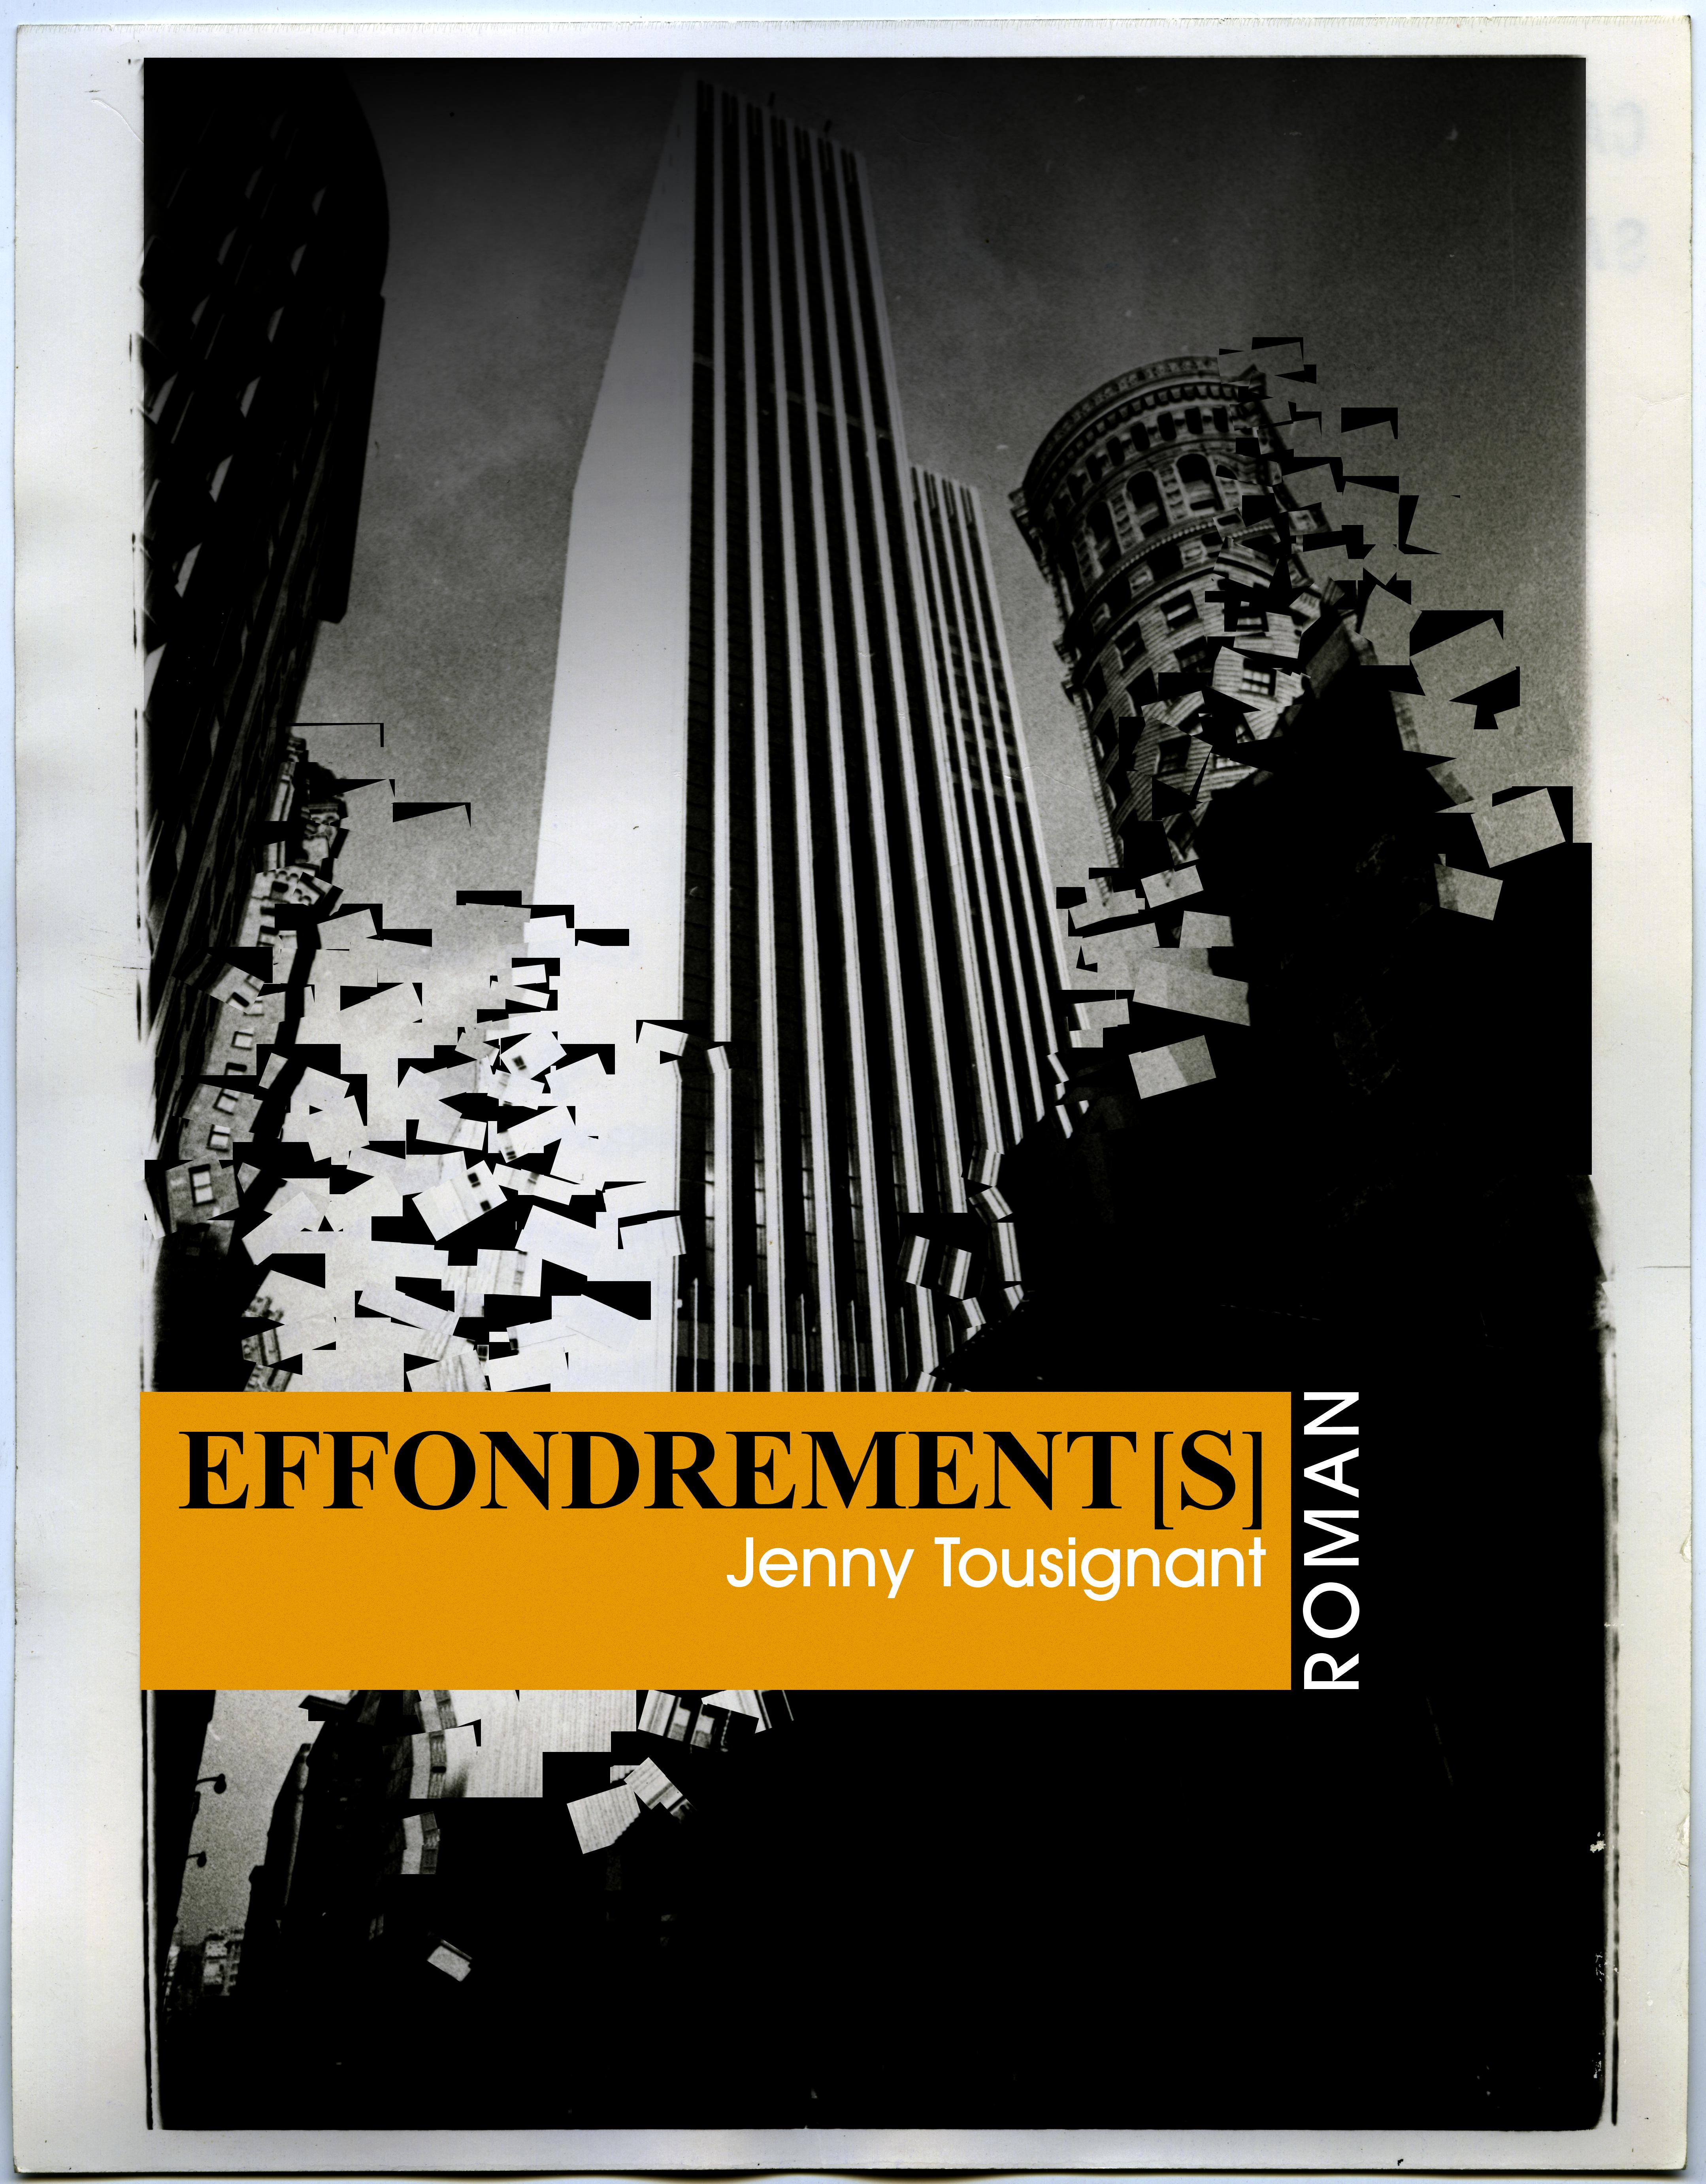 Effondrement[s] Cover 1 by stefanparis